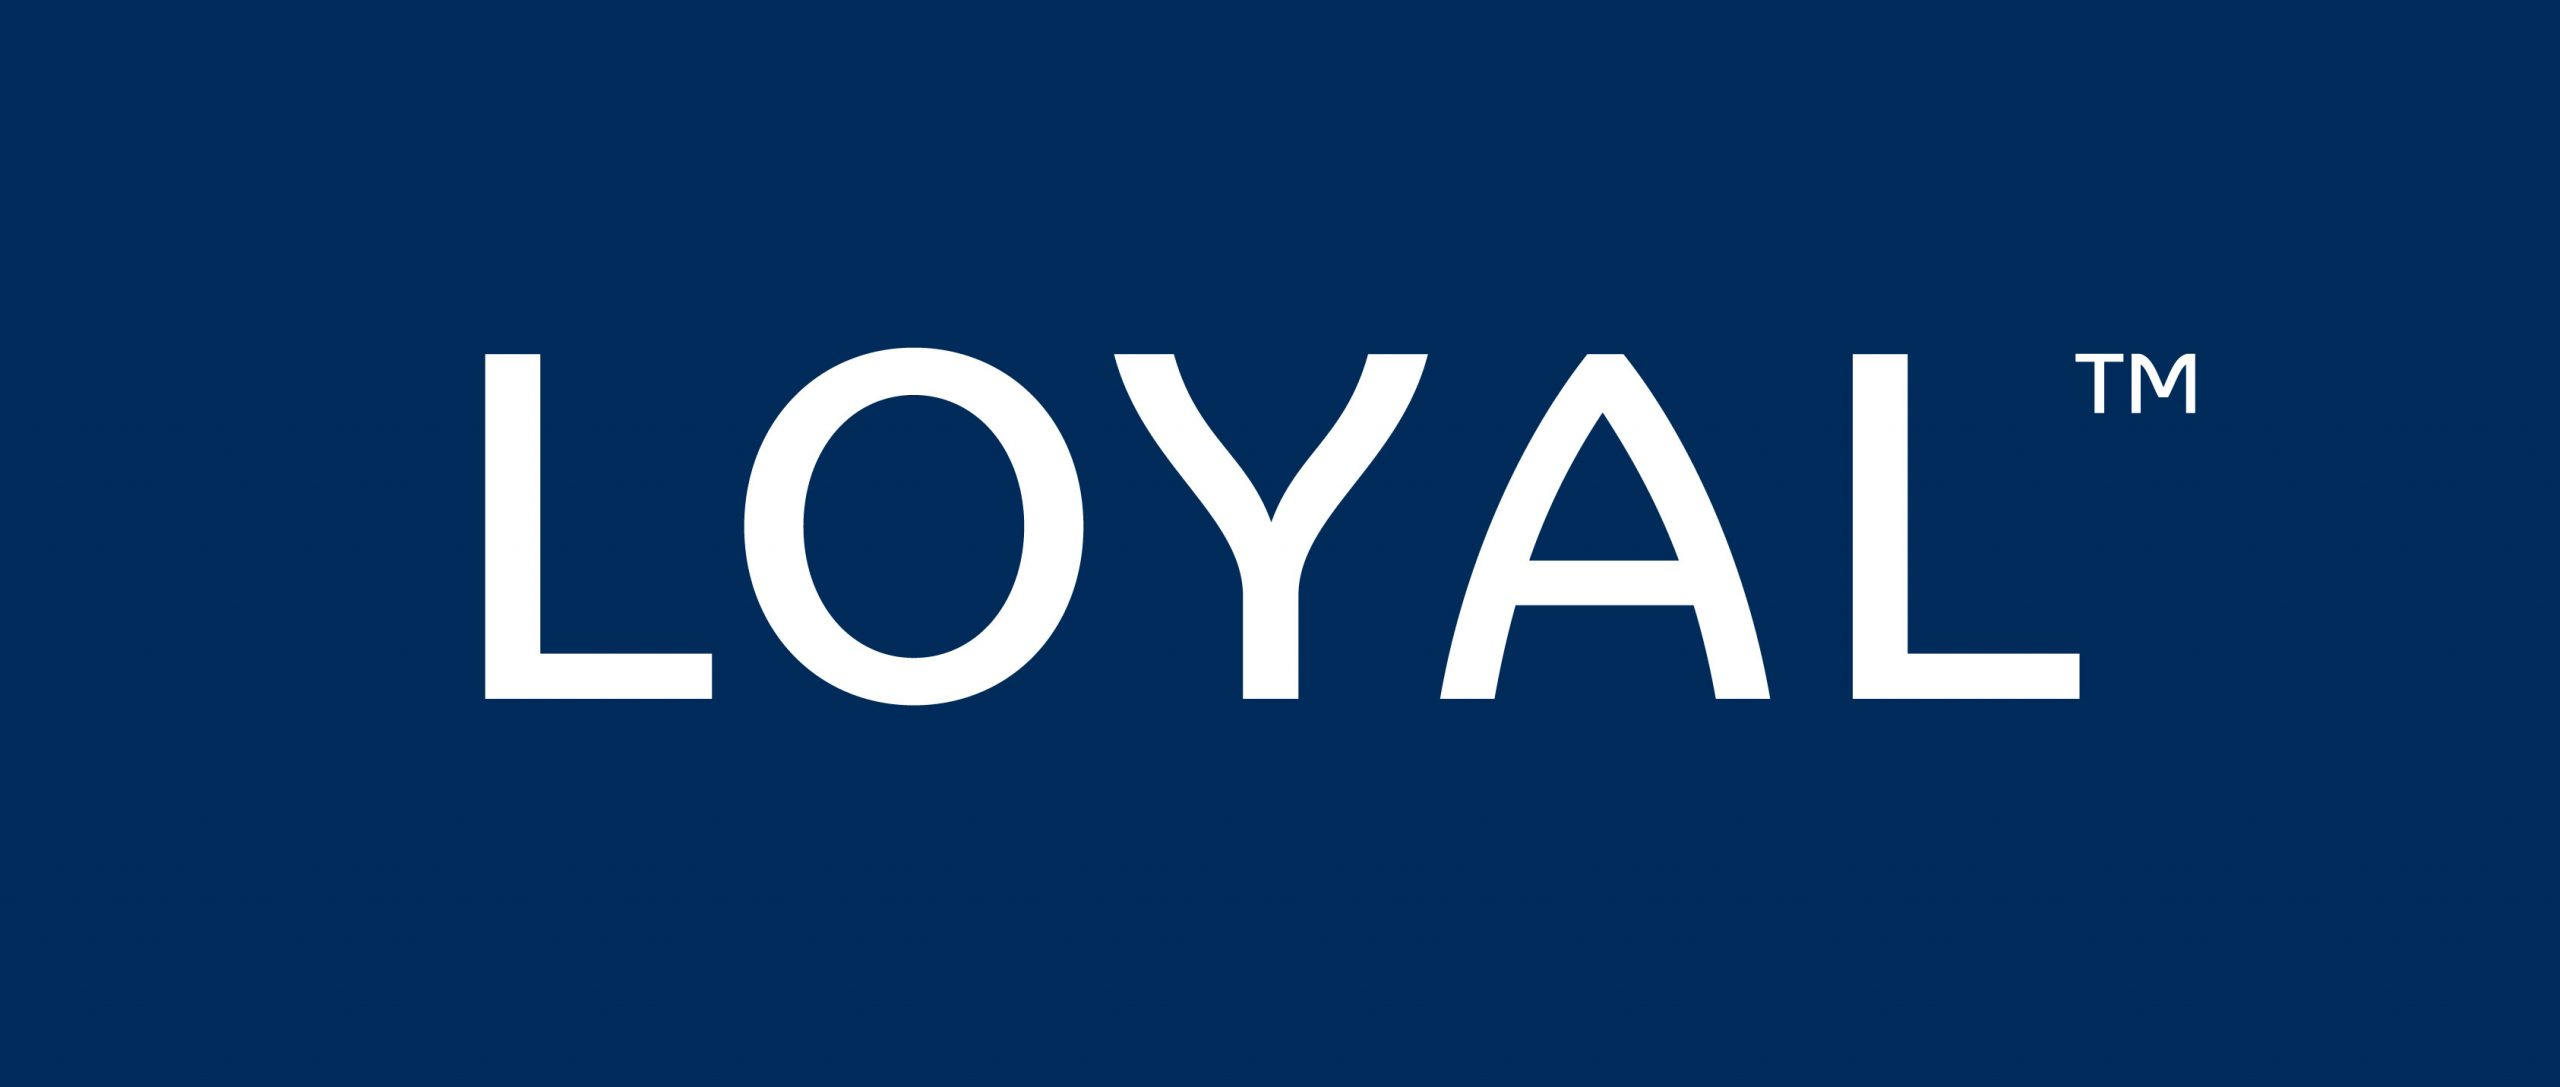 LOYAL Bakeware - McEwen Taylor T/A LOYAL Bakeware